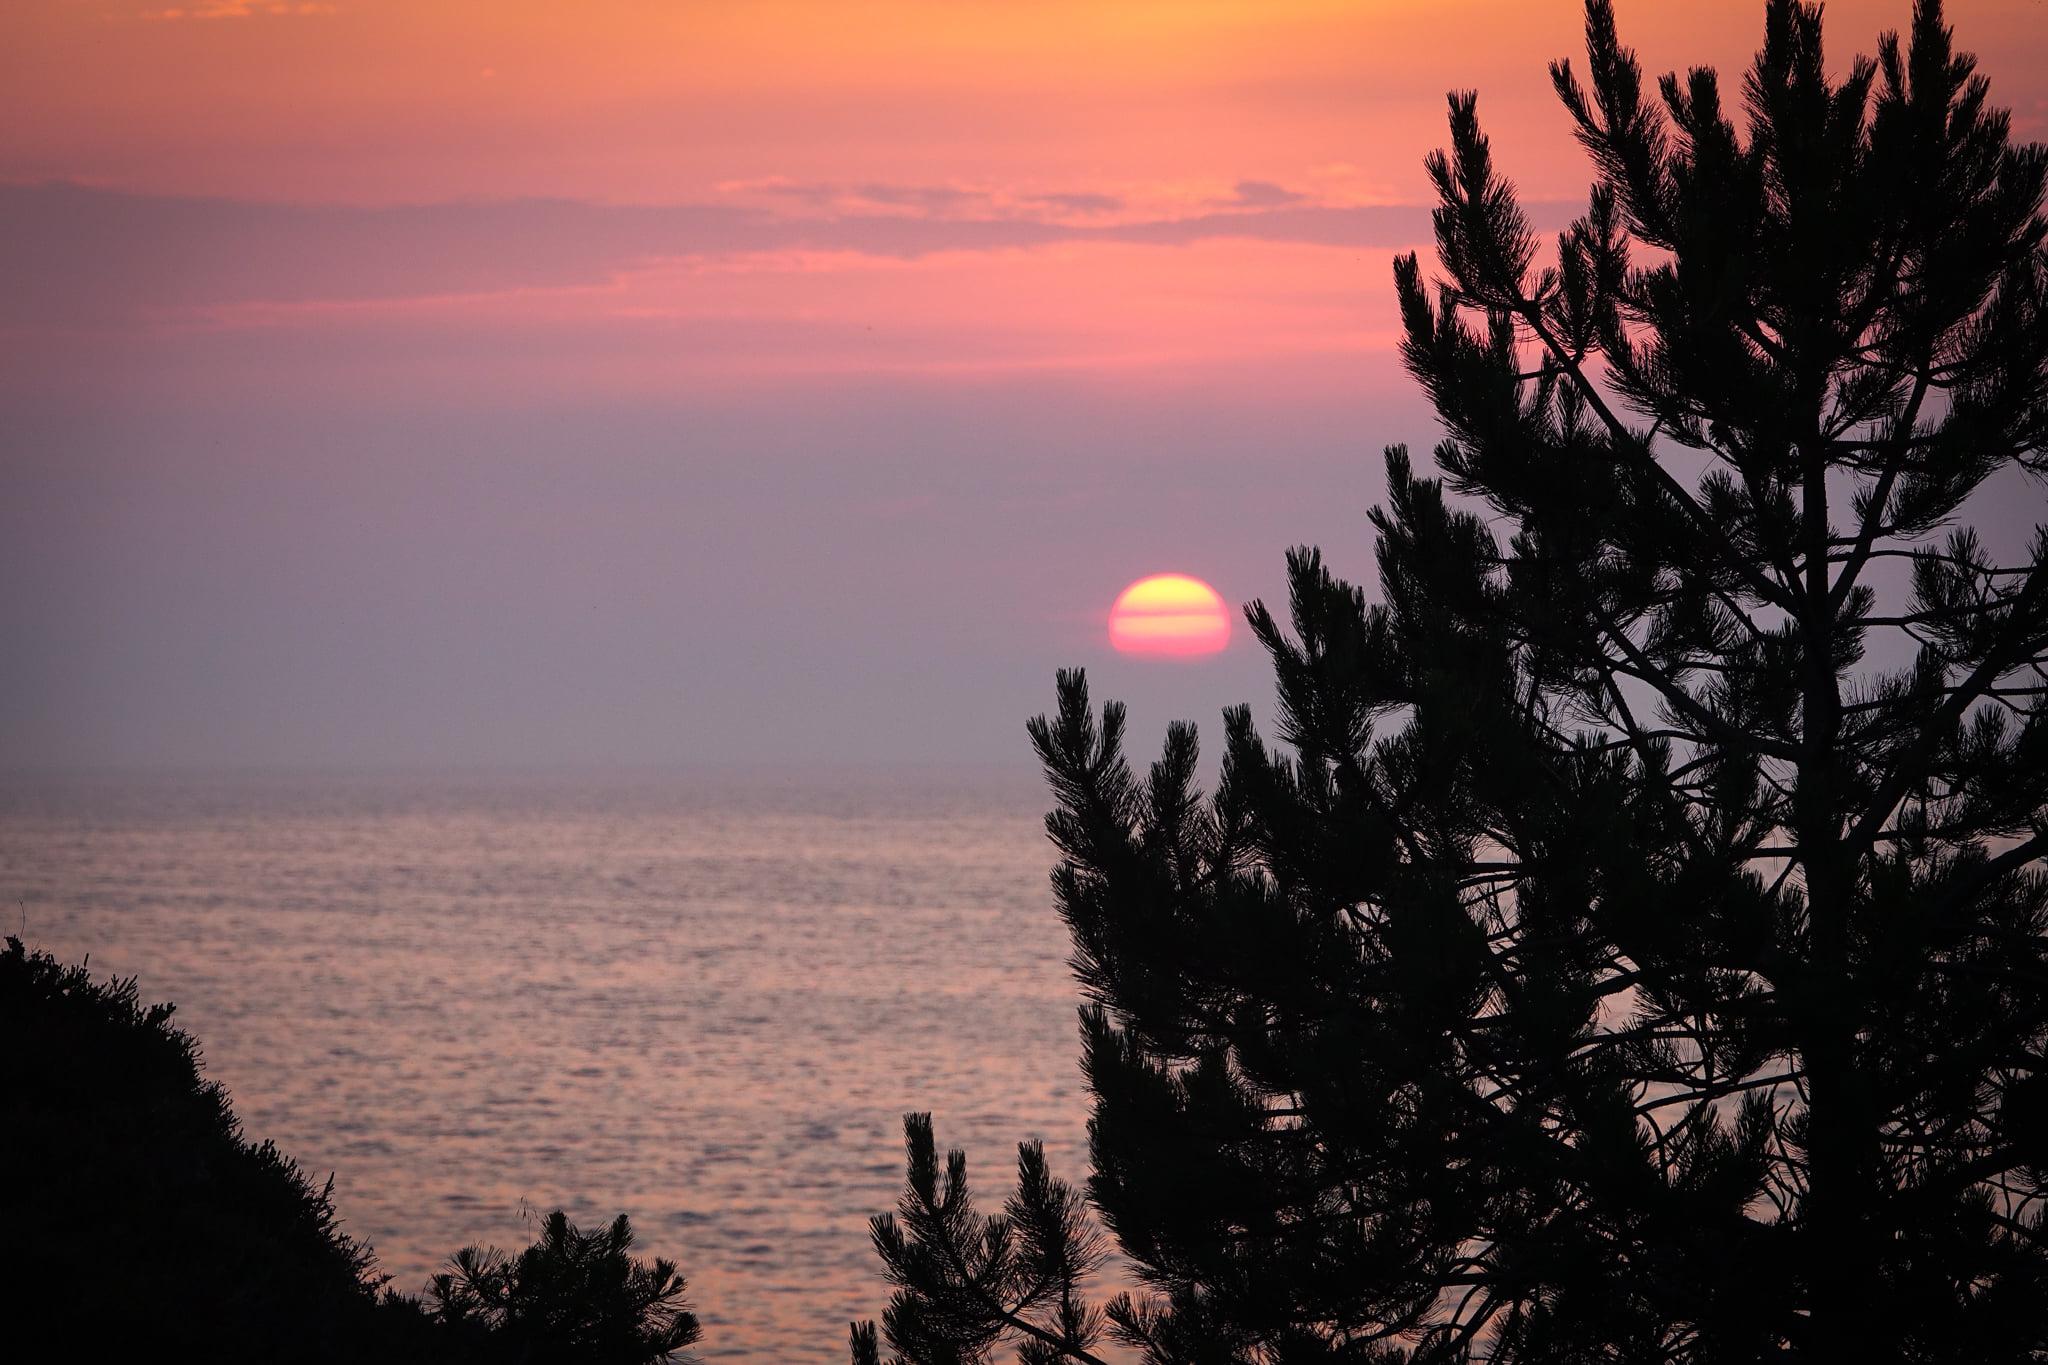 Bei Sonnenaufgang ist dieser wunderschöne Flecken ERde auch noch in ein besonderes Licht getaucht